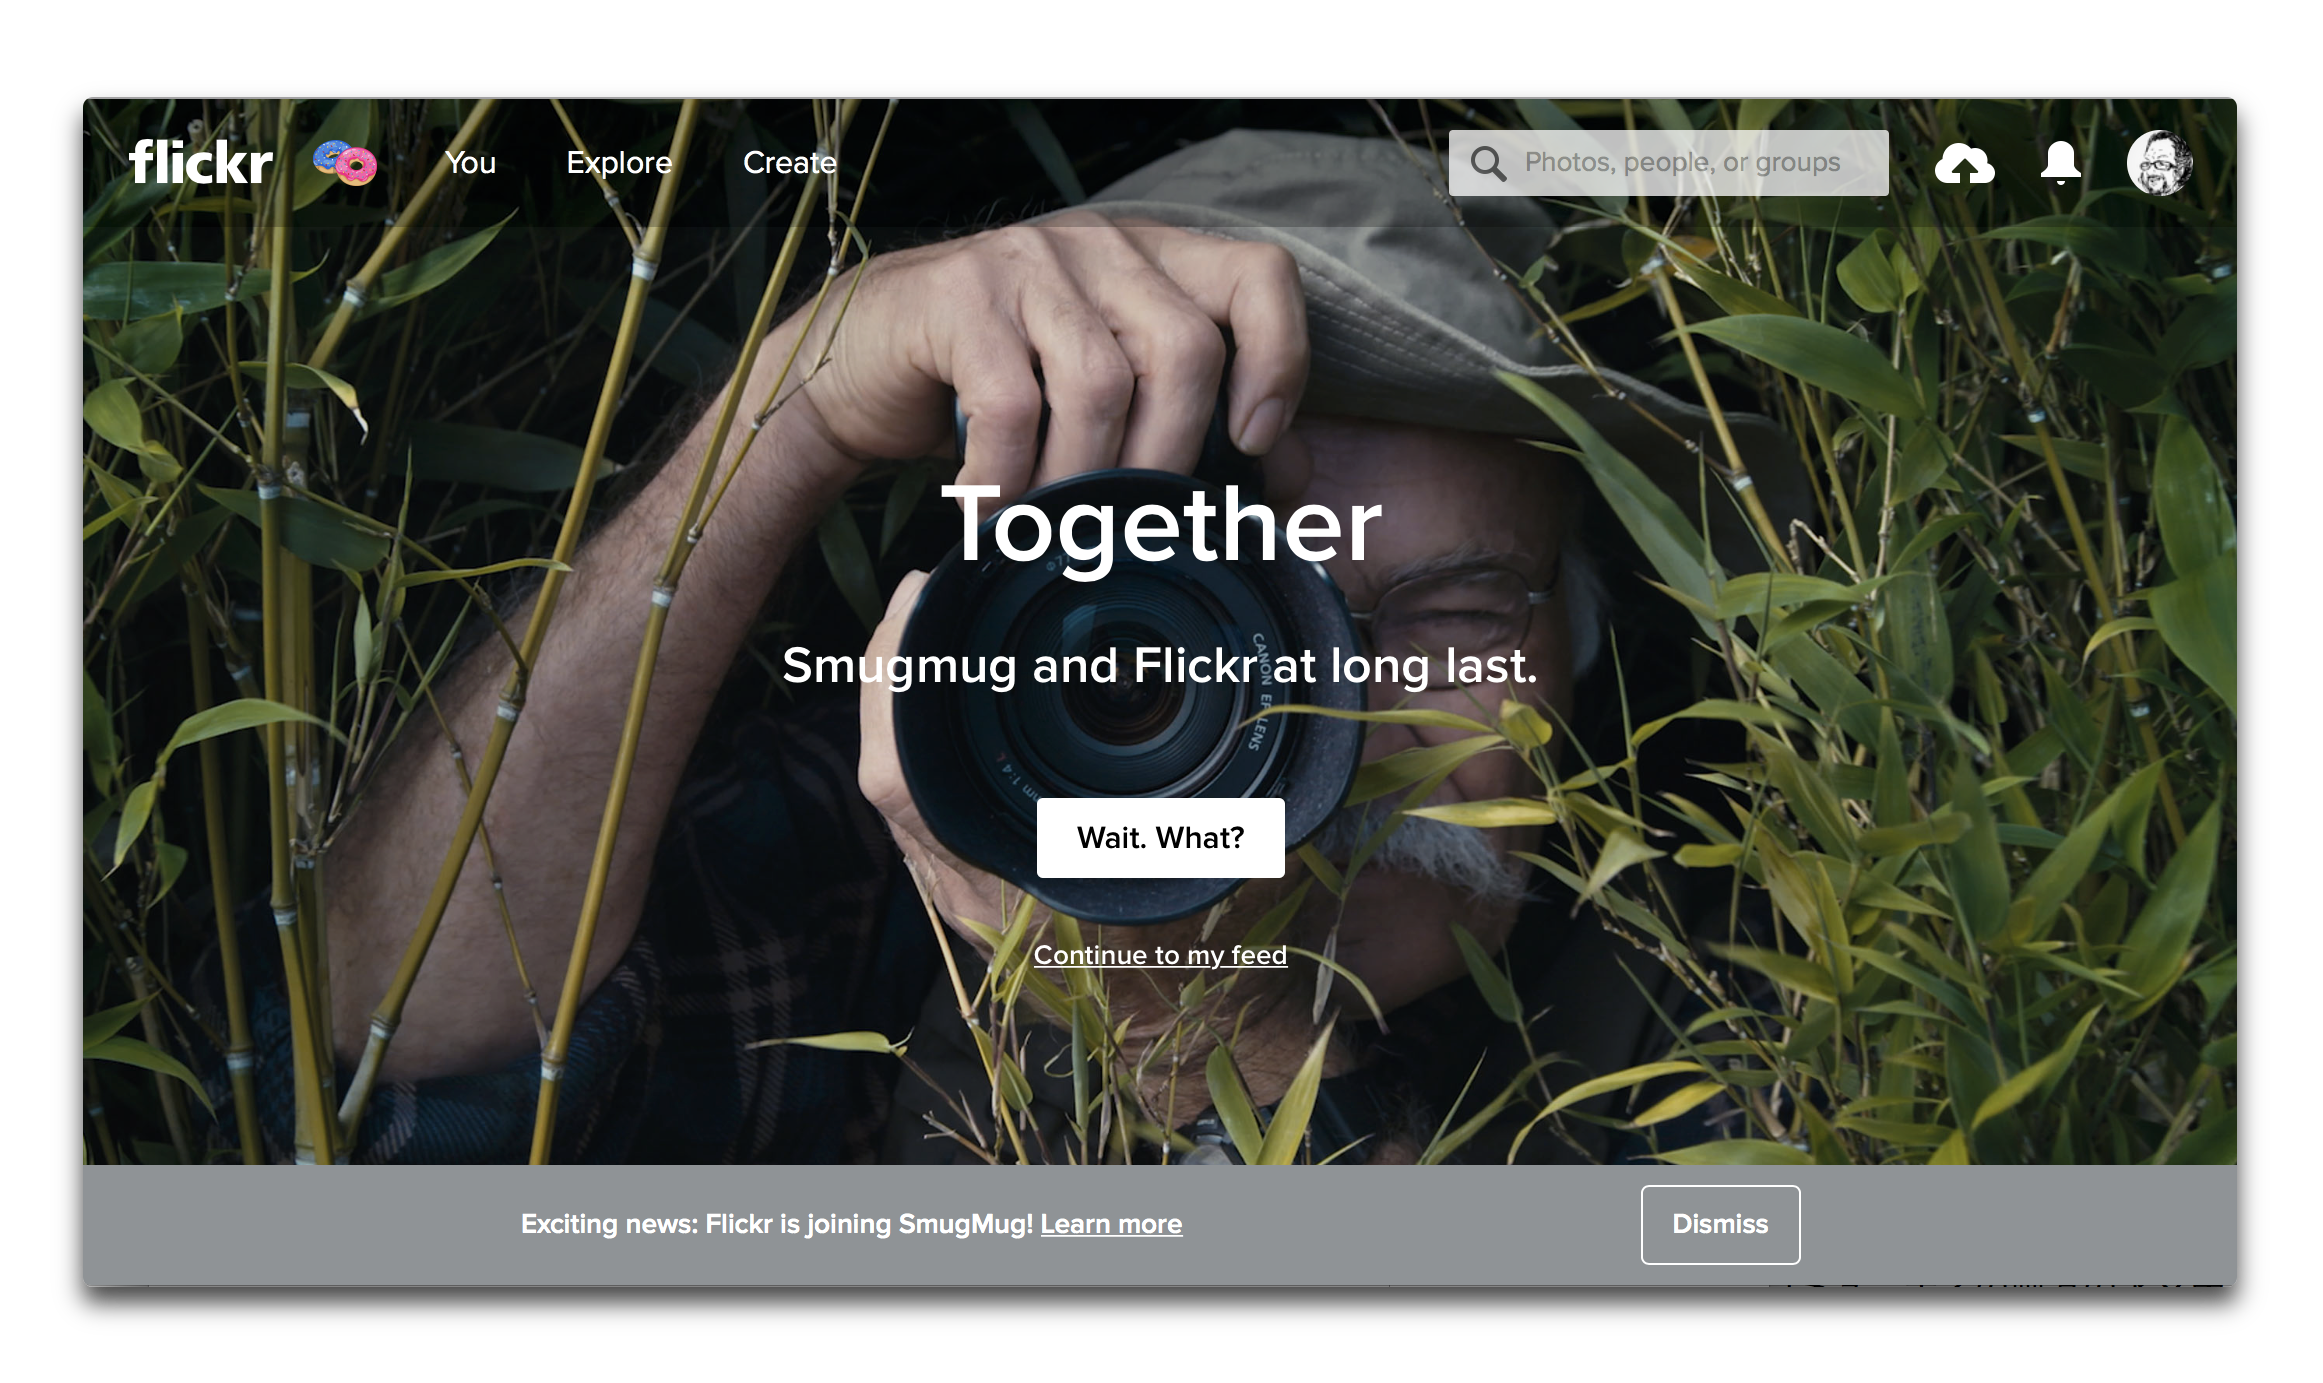 Flickrは写真共有サービスSmugMugによって買収される